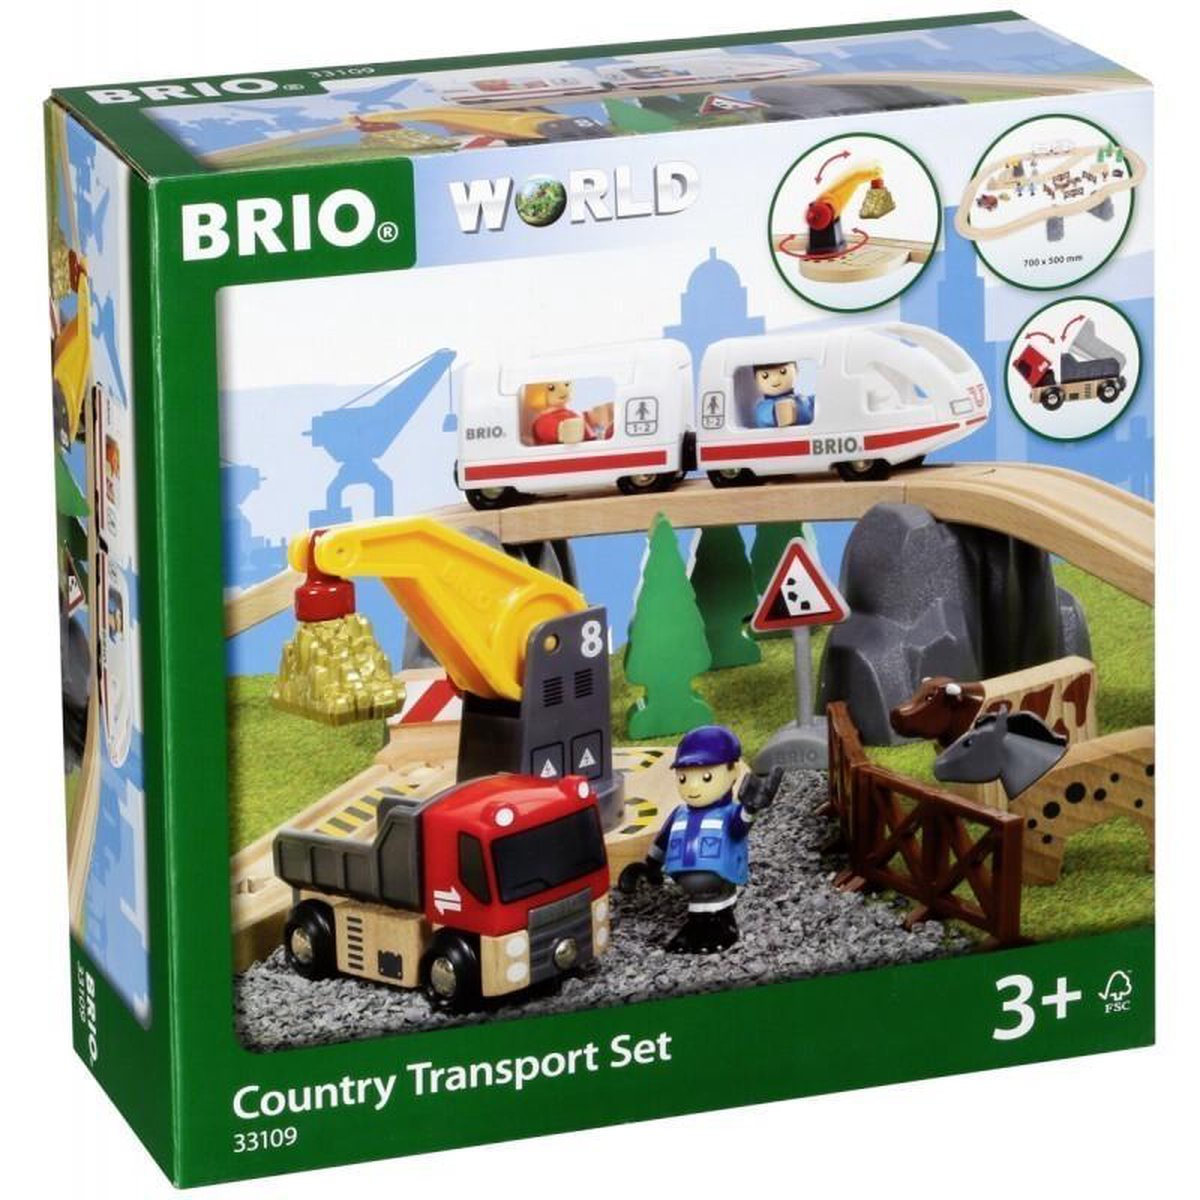 BRIO 33109 Country transport set